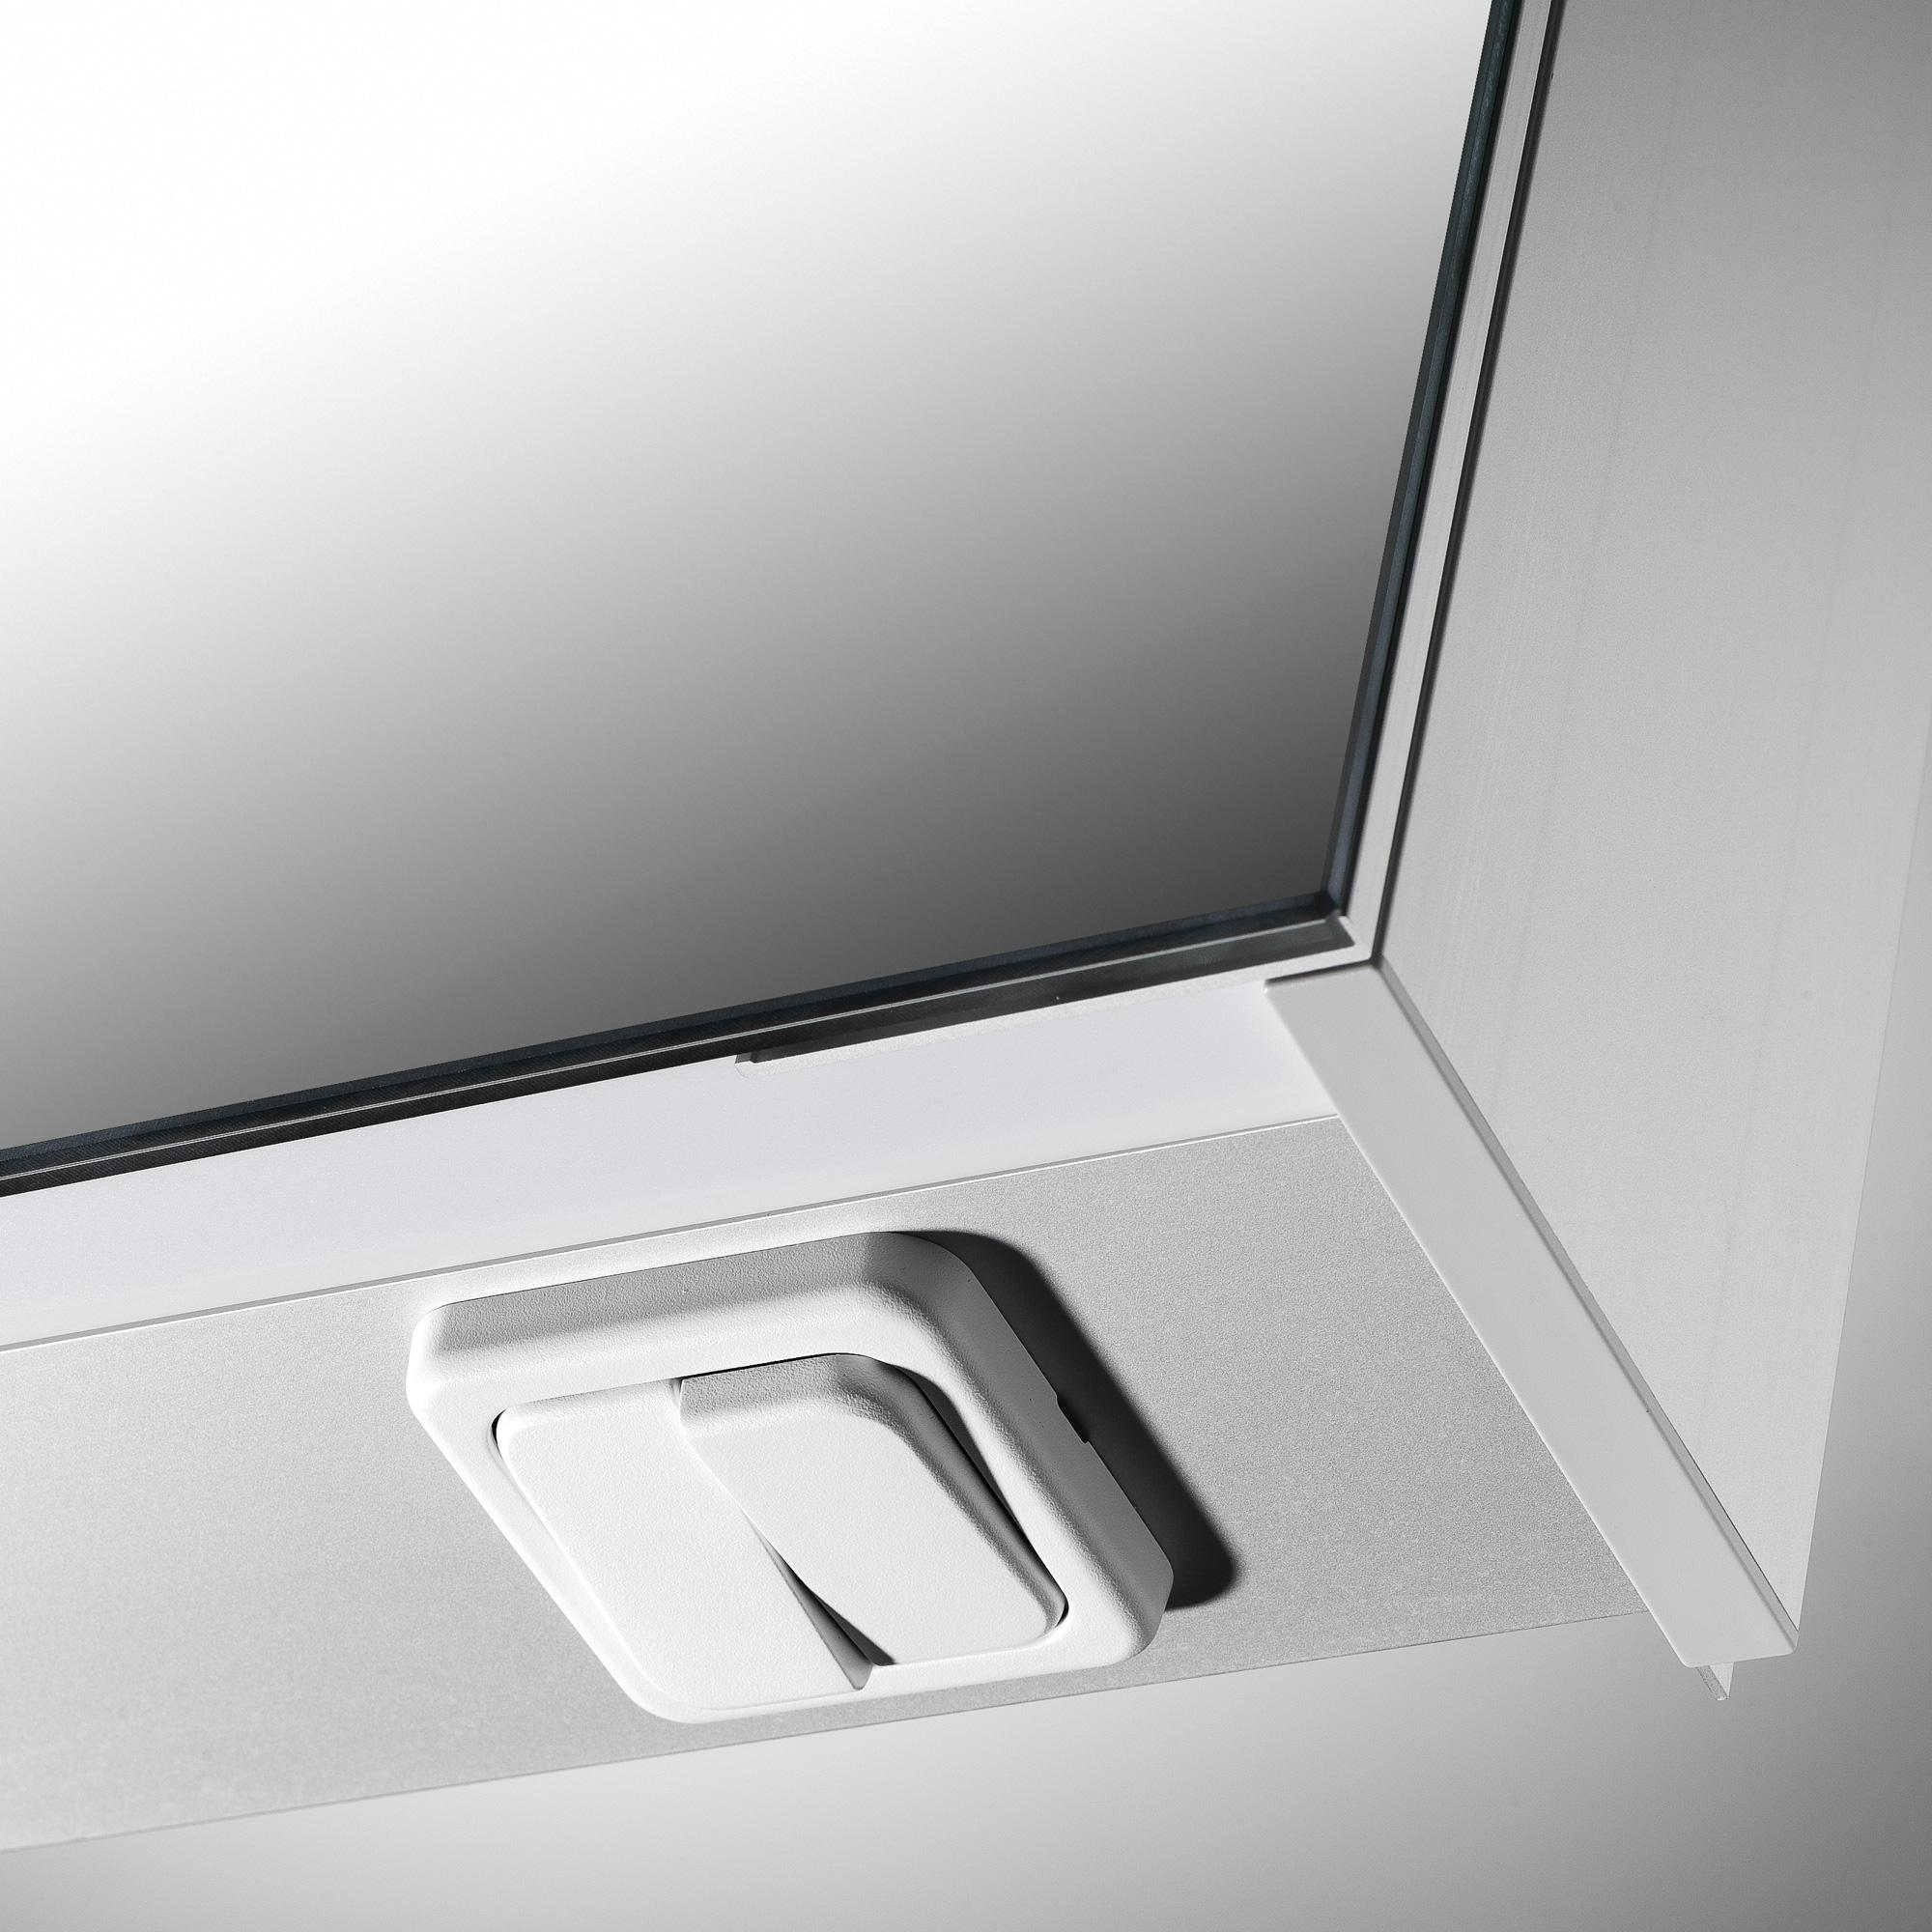 schneider arangaline spiegelschrank b 60 h 70 t 12 cm mit 1 t r links. Black Bedroom Furniture Sets. Home Design Ideas